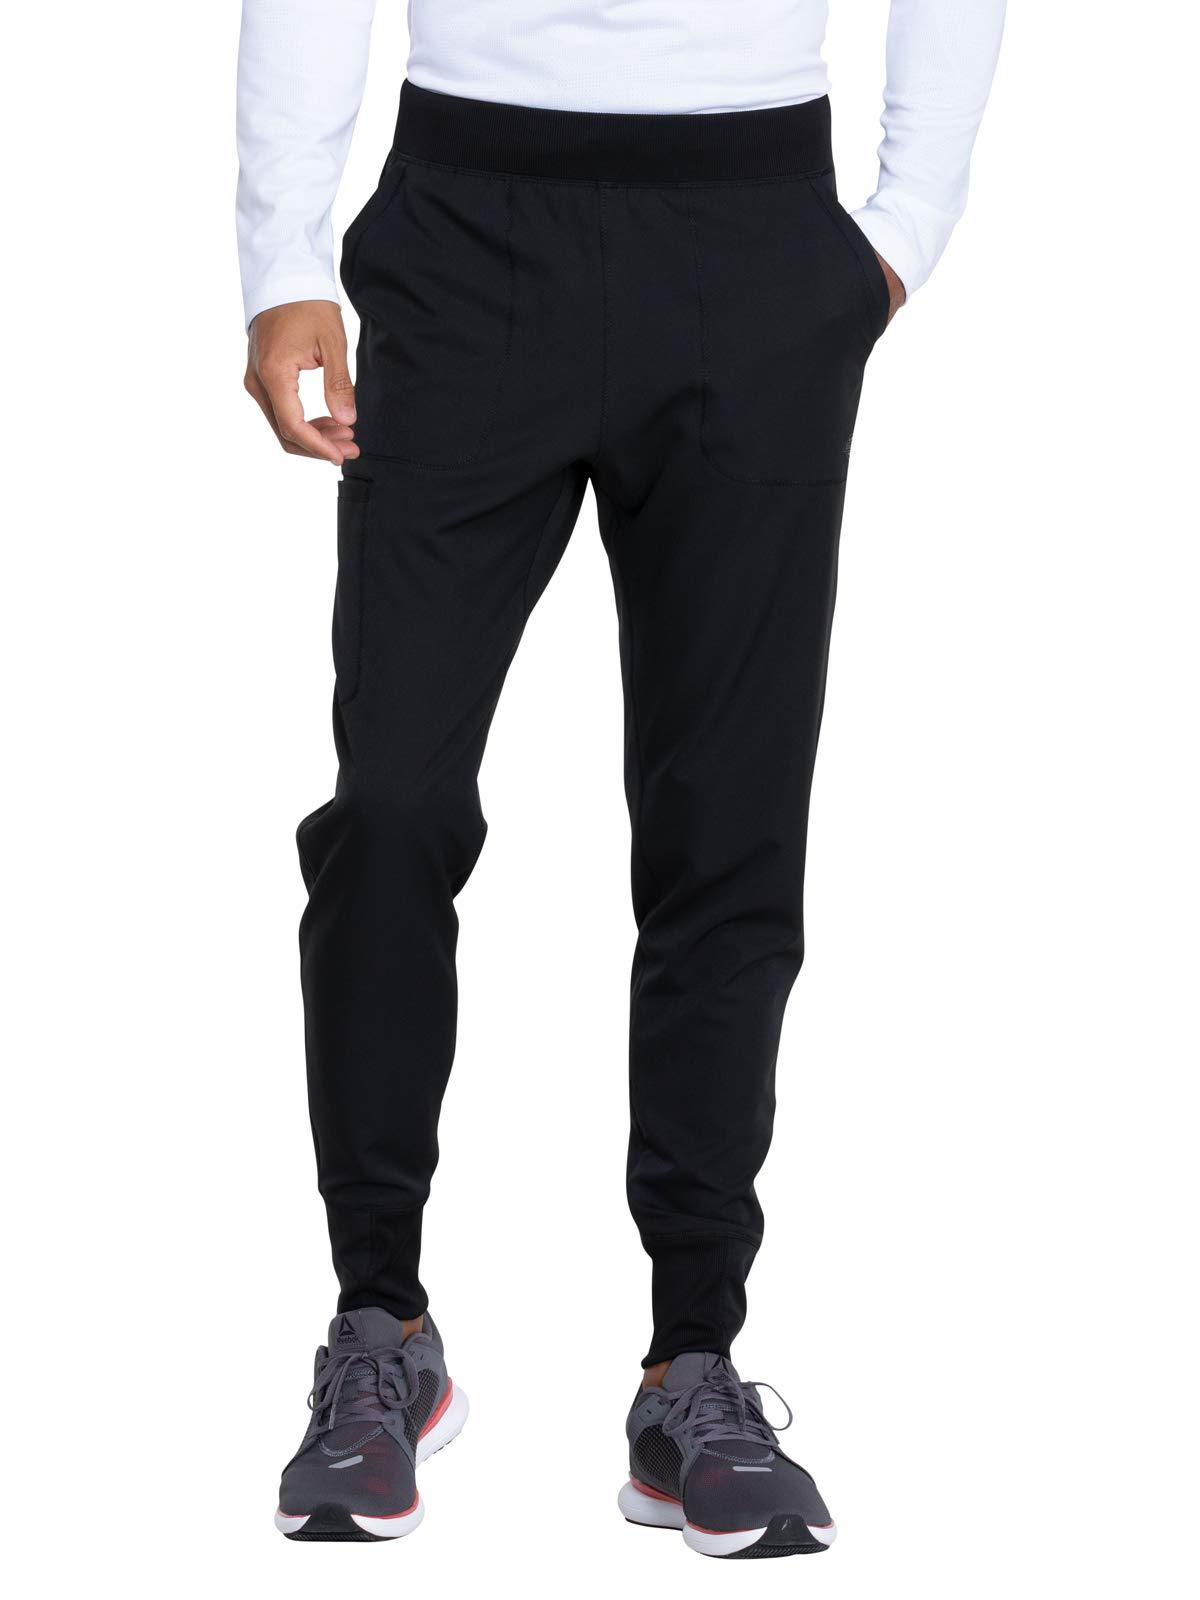 Dickies Dynamix Men's DK040 Men's Natural Rise Jogger Pant (Black, Large Short) by Dickies